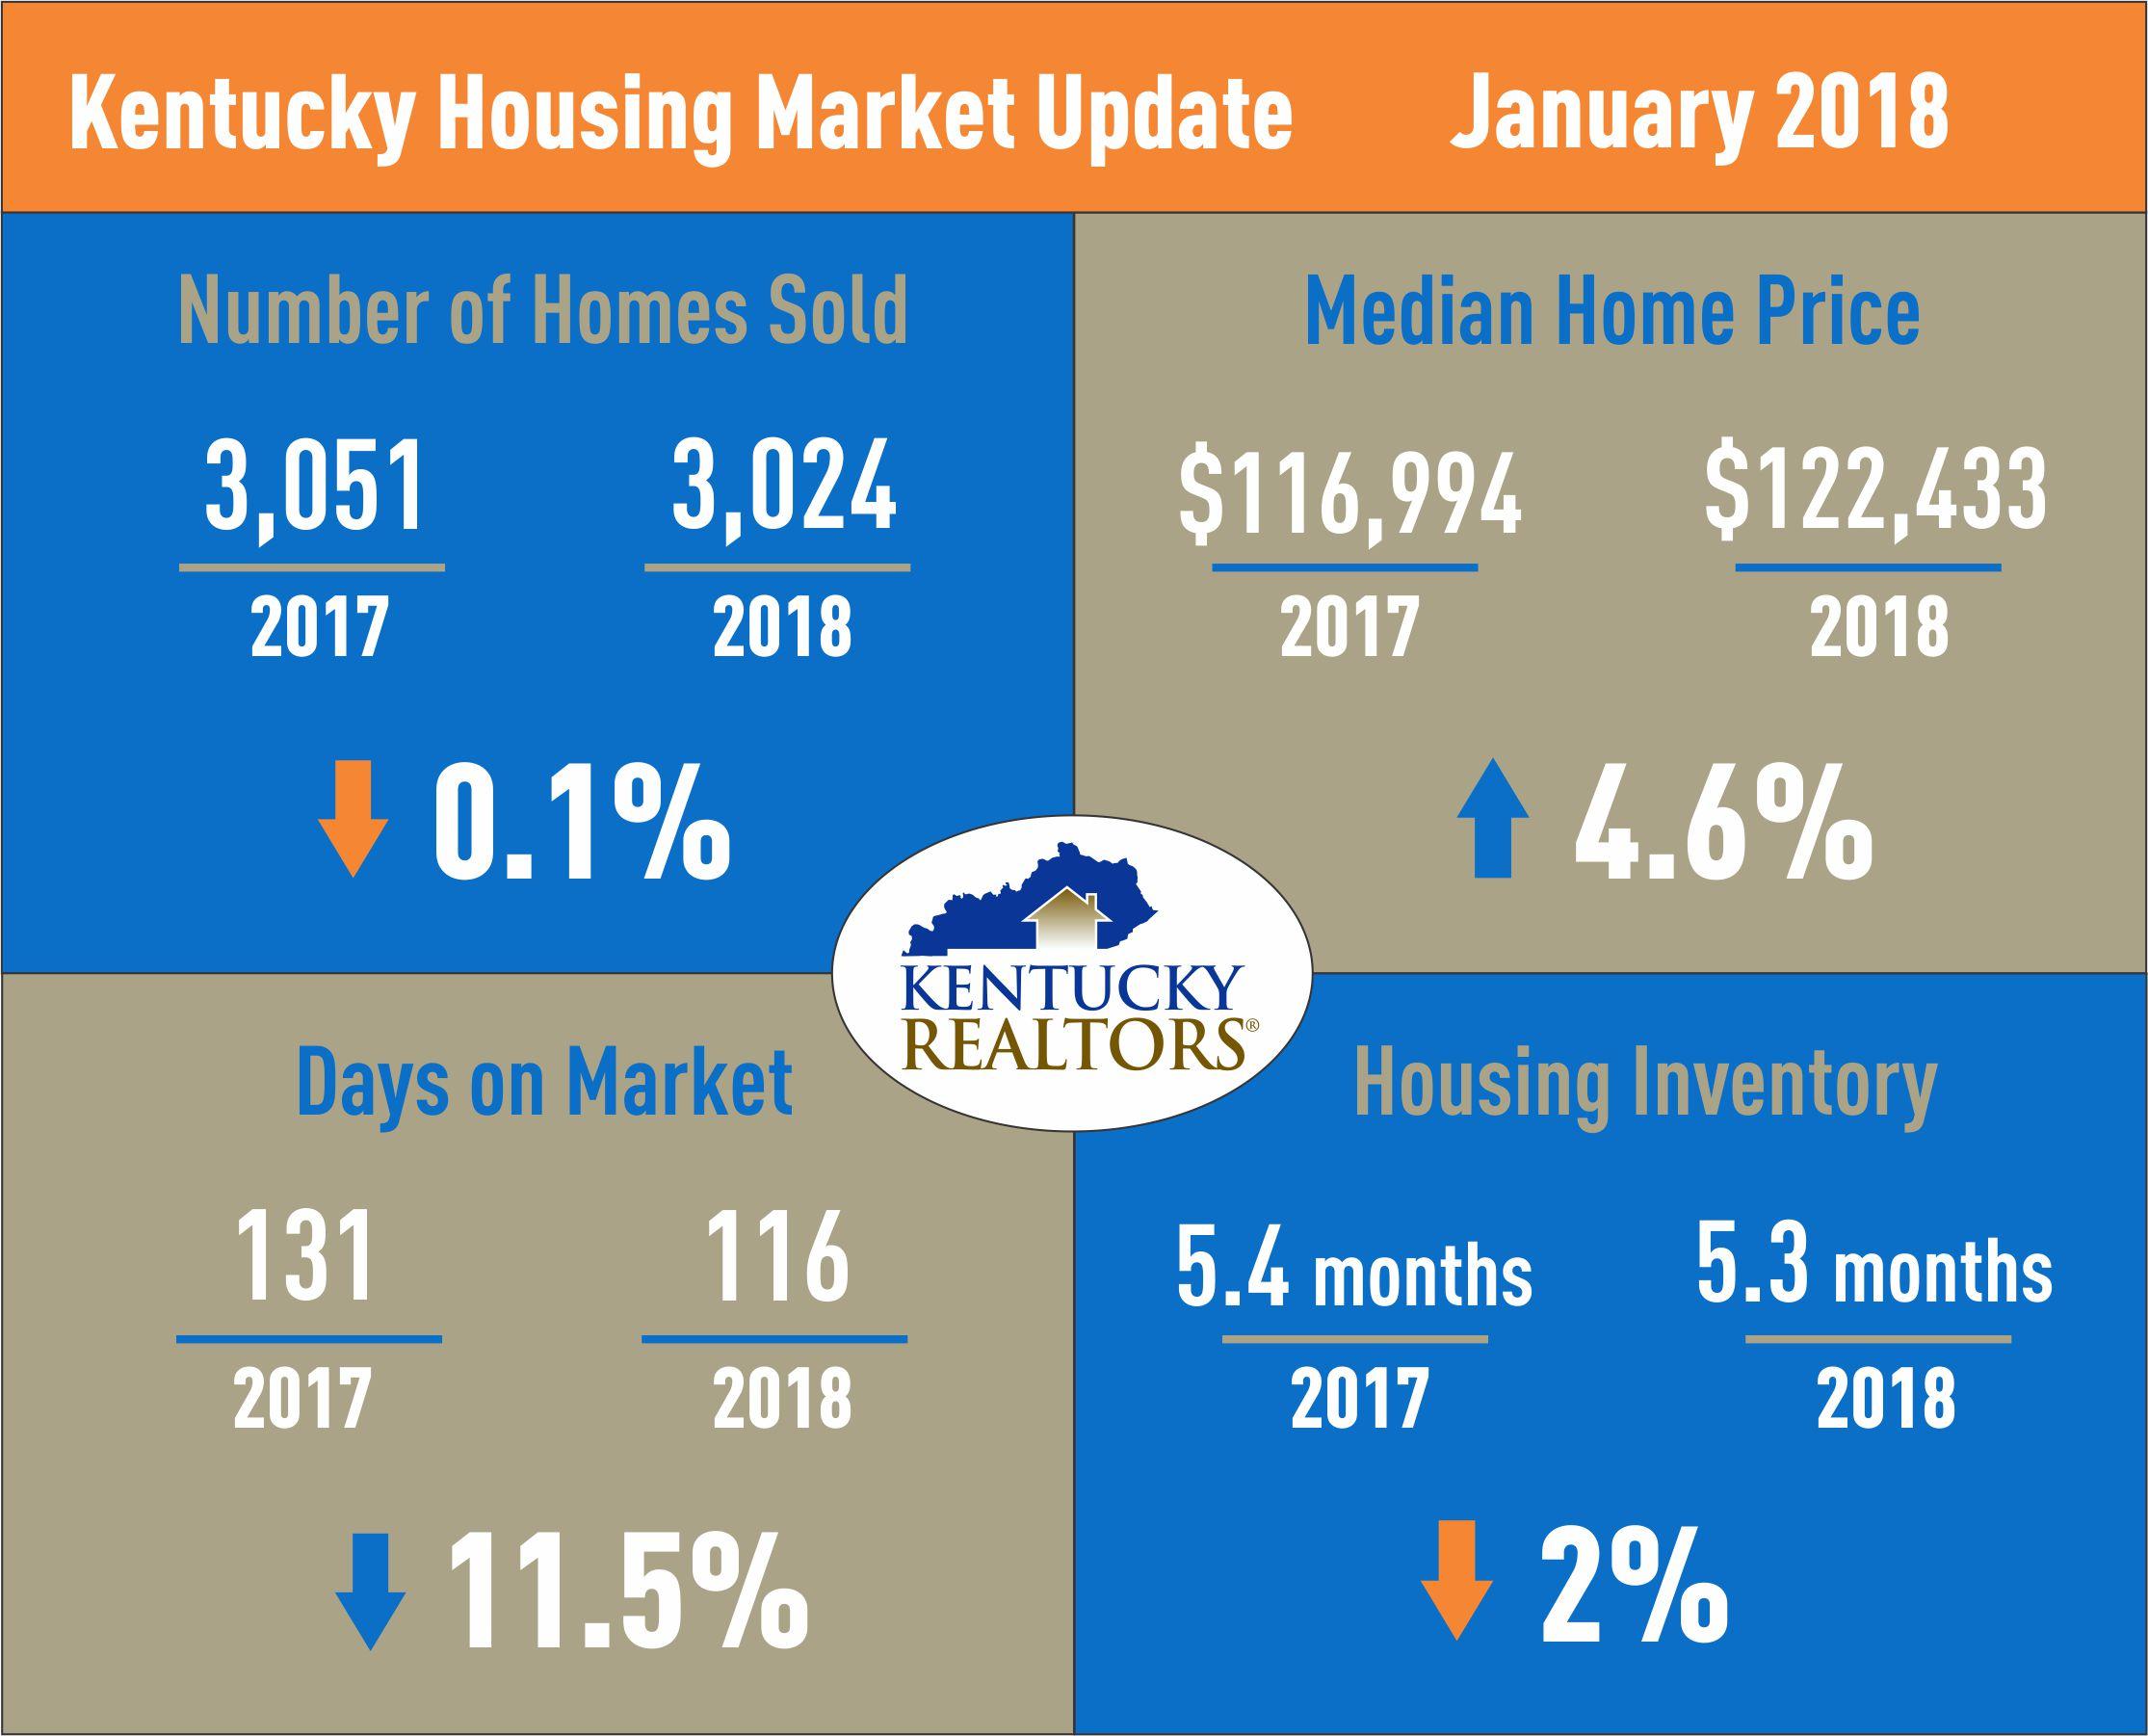 Kentucky Housing Market Update January 2018